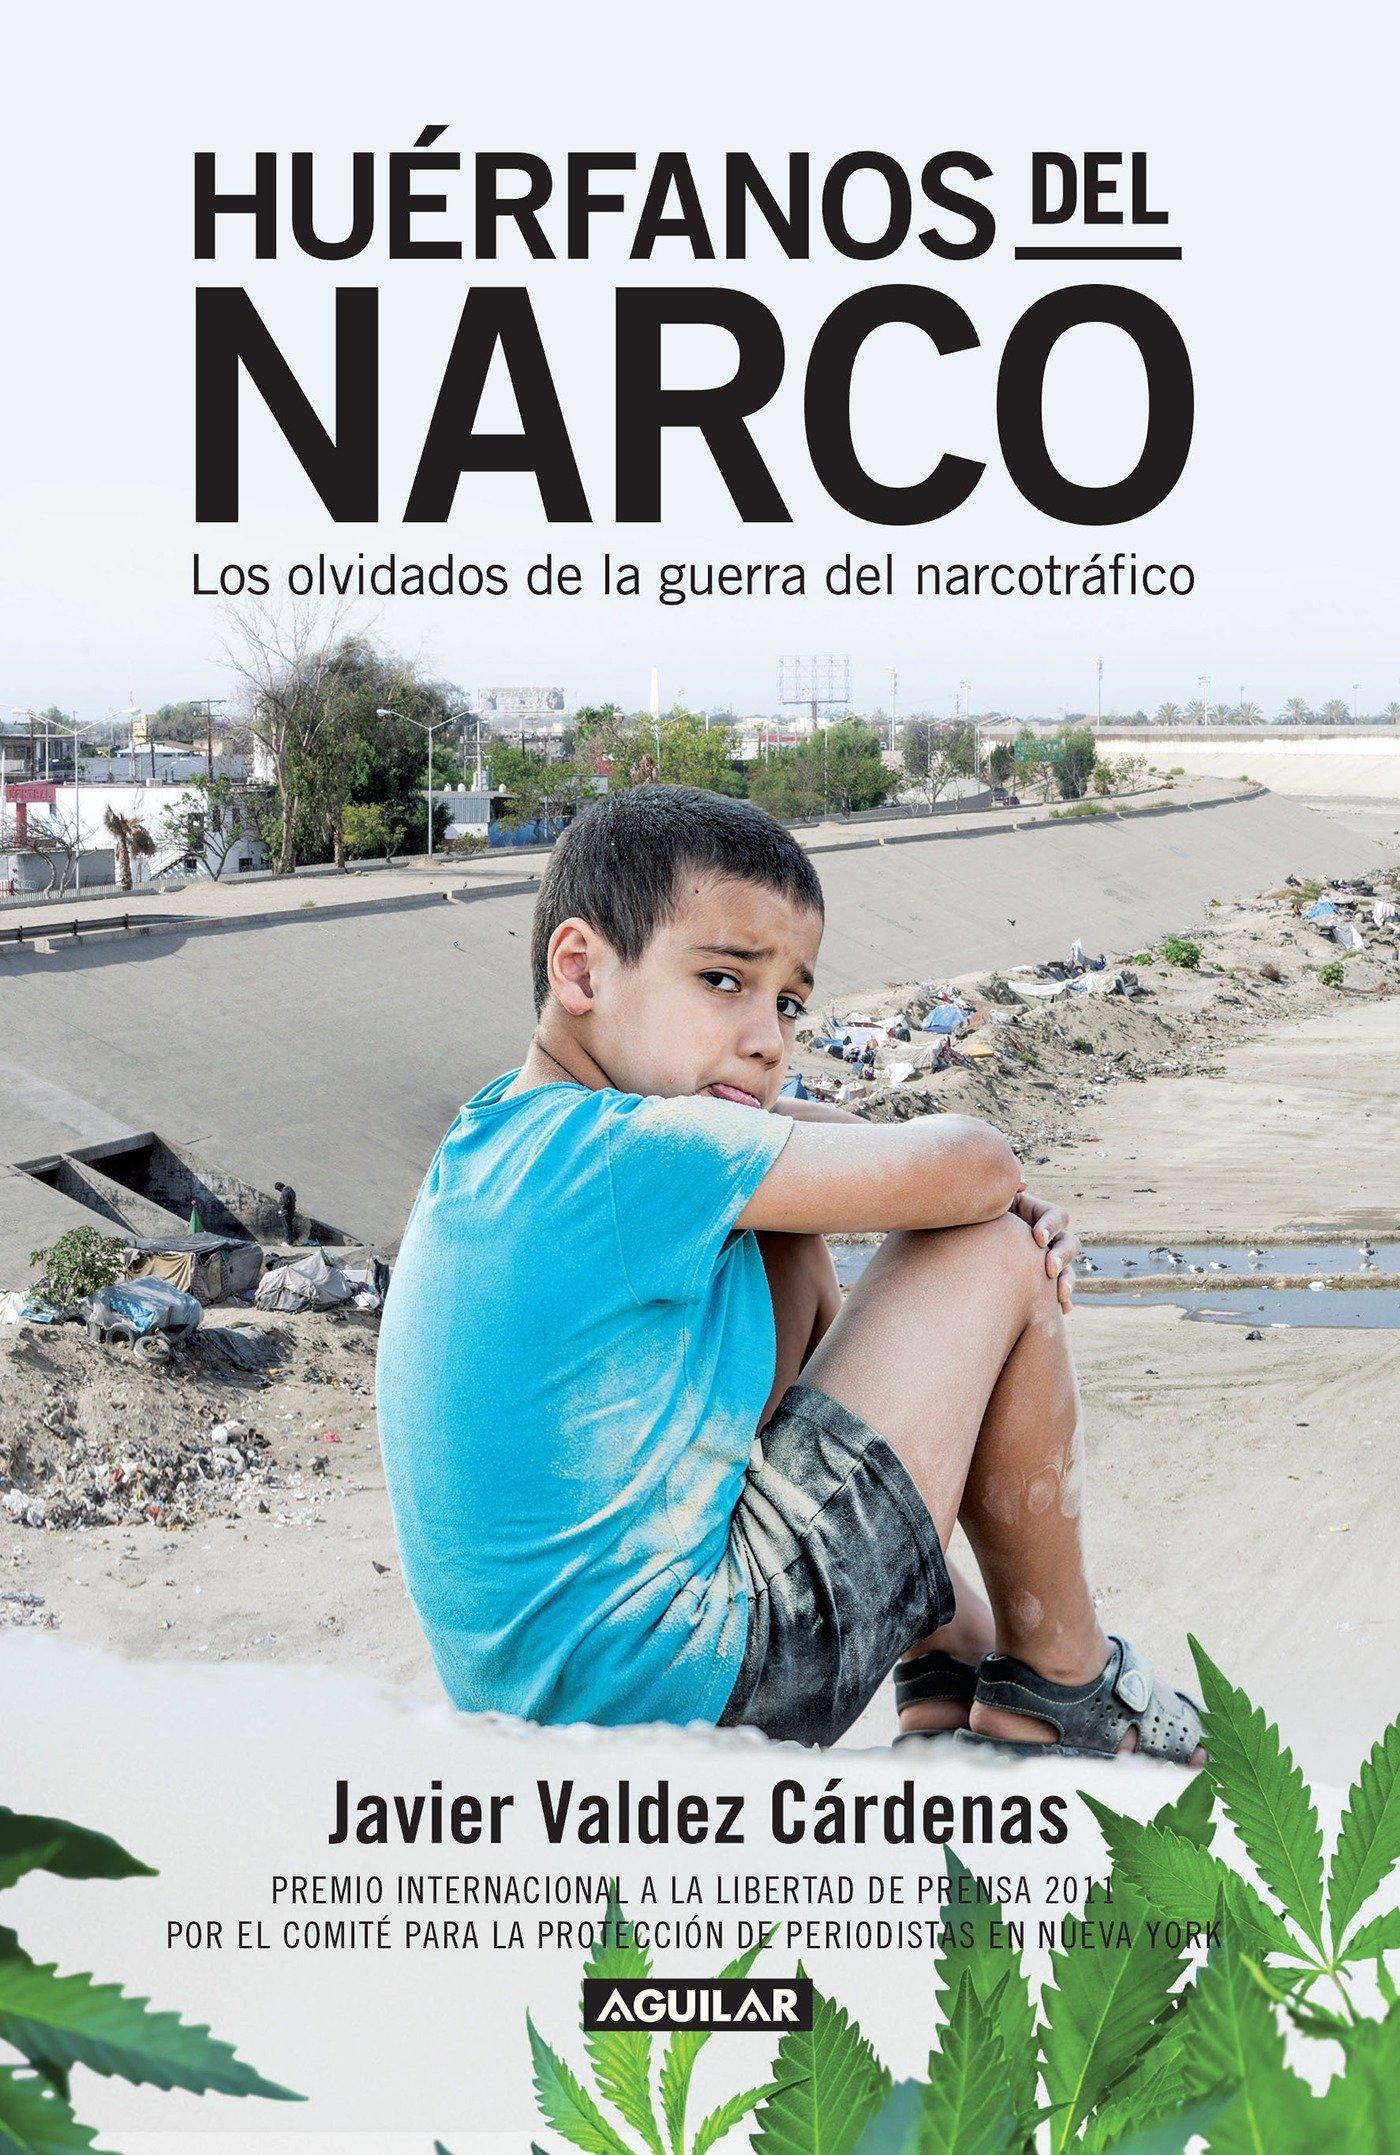 Huerfanos del narco - Los olvidados de la guerra del narcotrafico ...